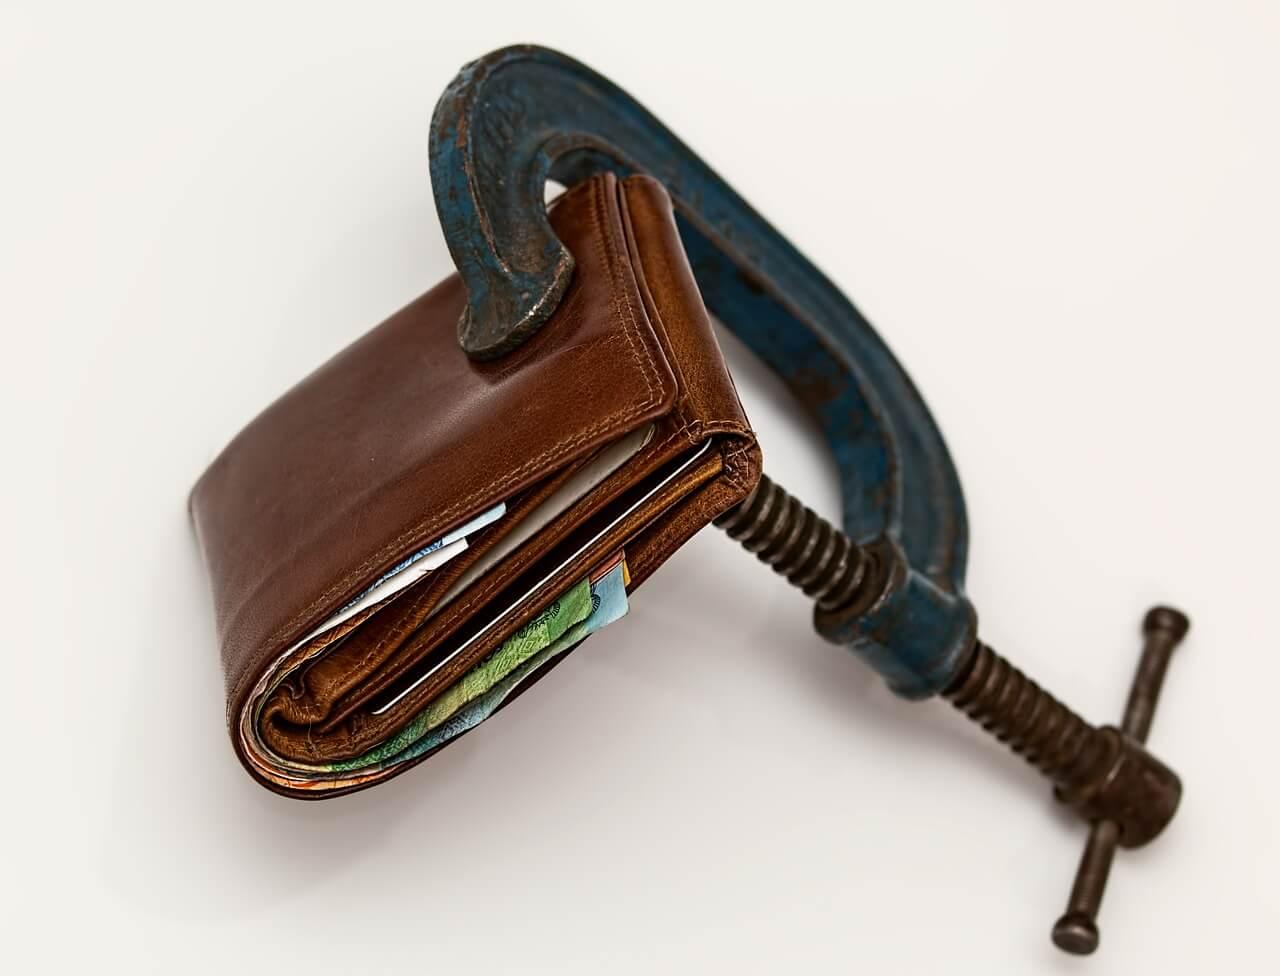 Erbschaftsteuer- und Schenkungsteuerbescheide: Unbedingt Einspruch einlegen